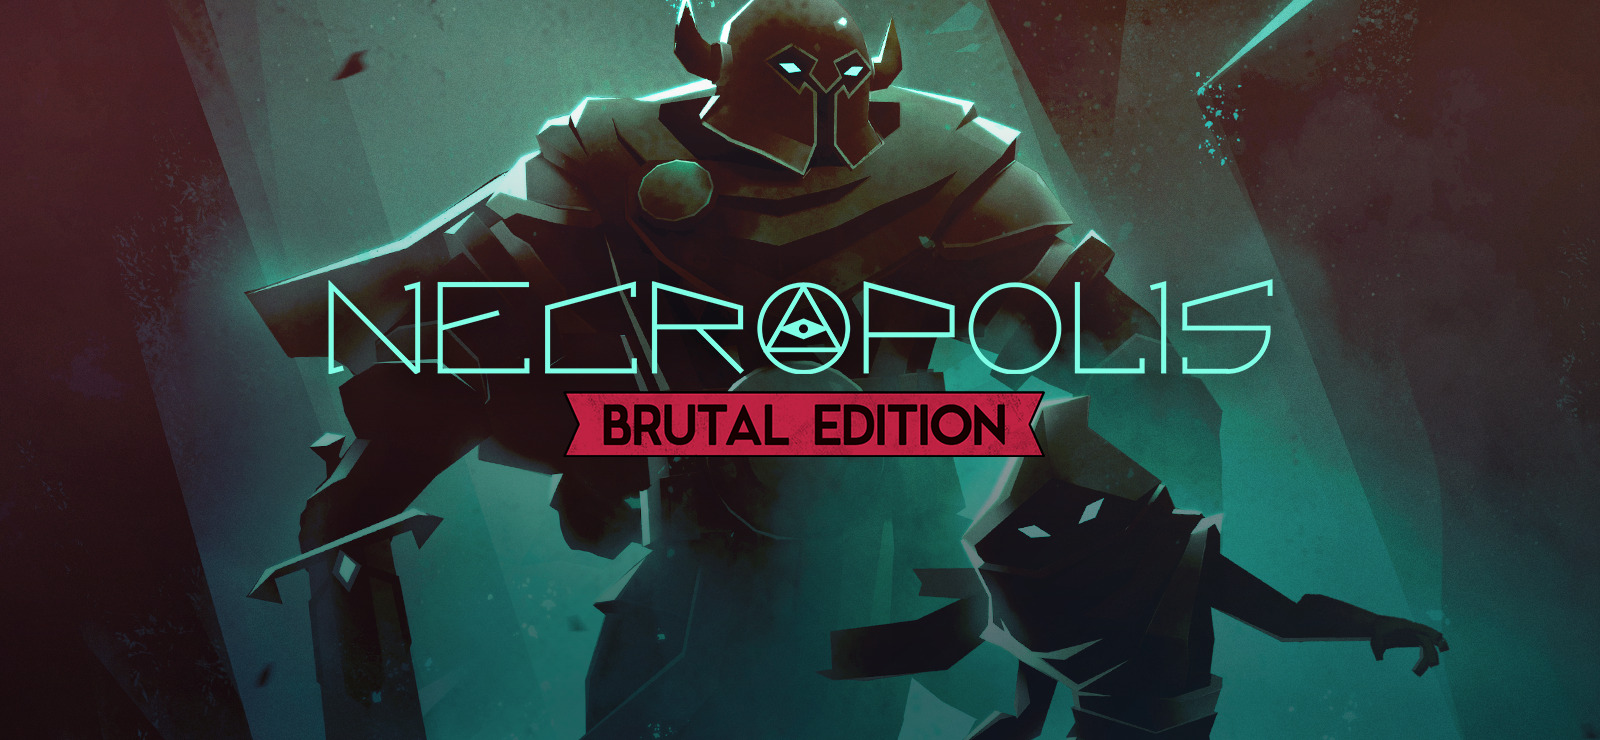 Necropolis Brutal Edition On GOG